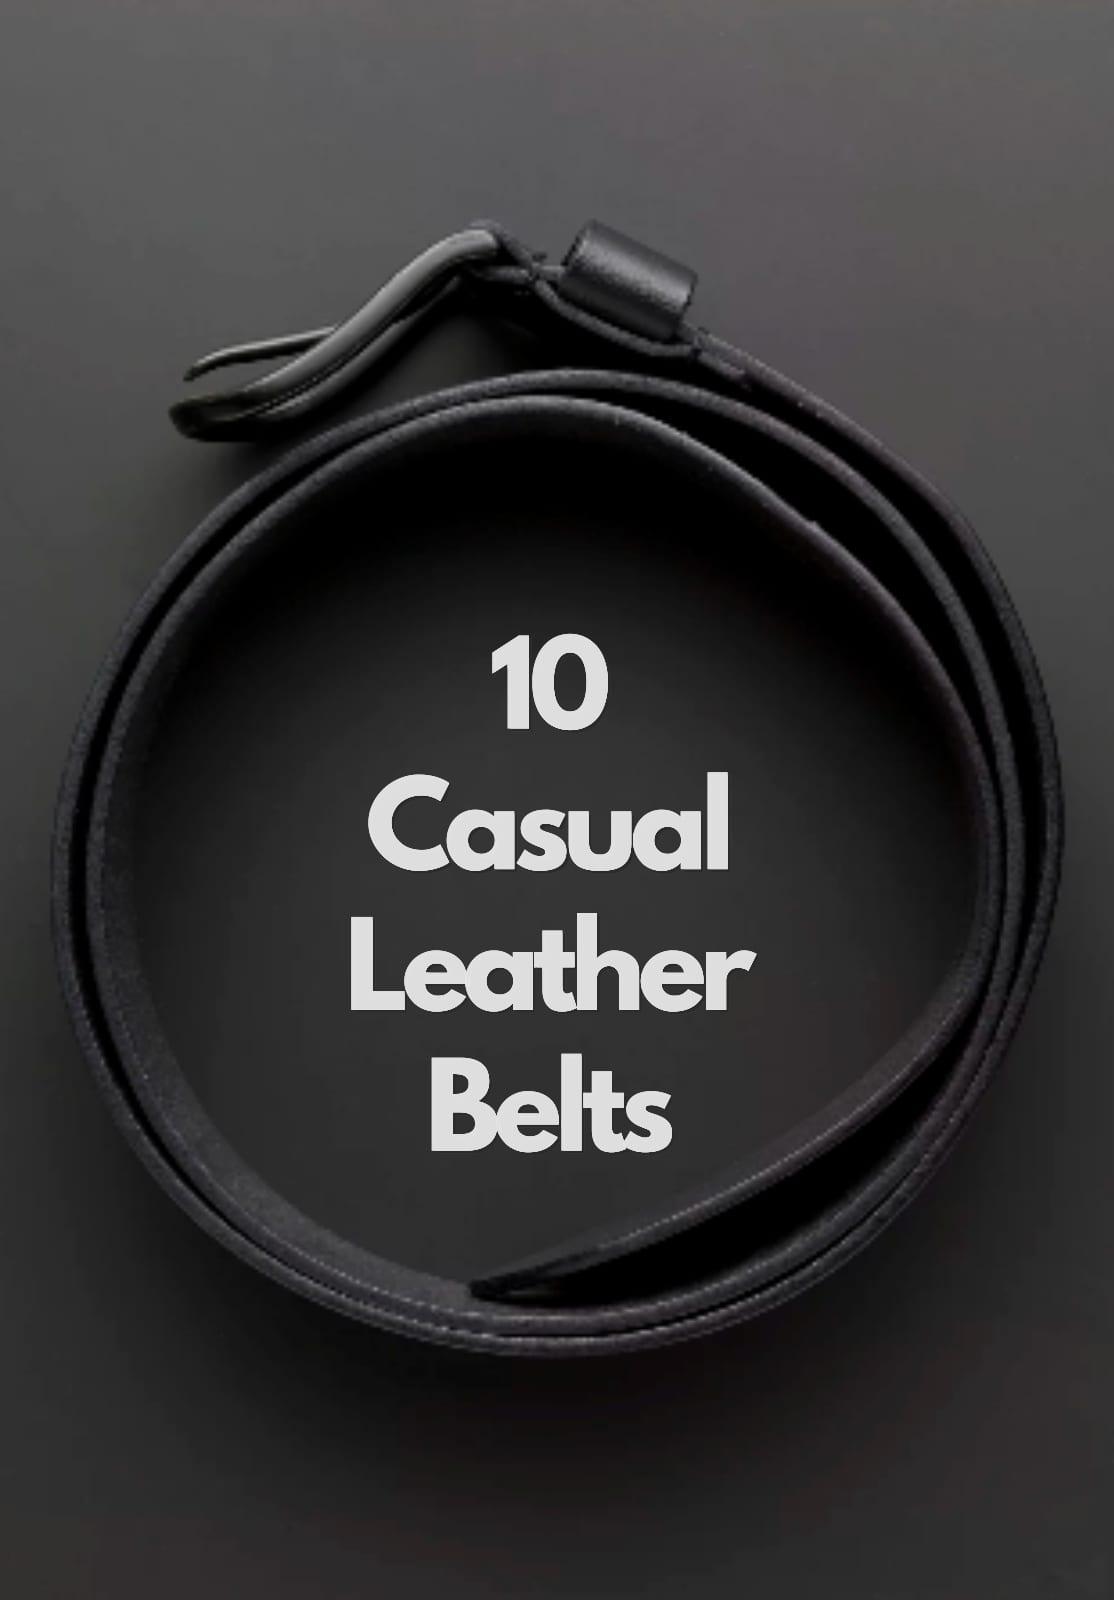 Mens Leather Belts for men